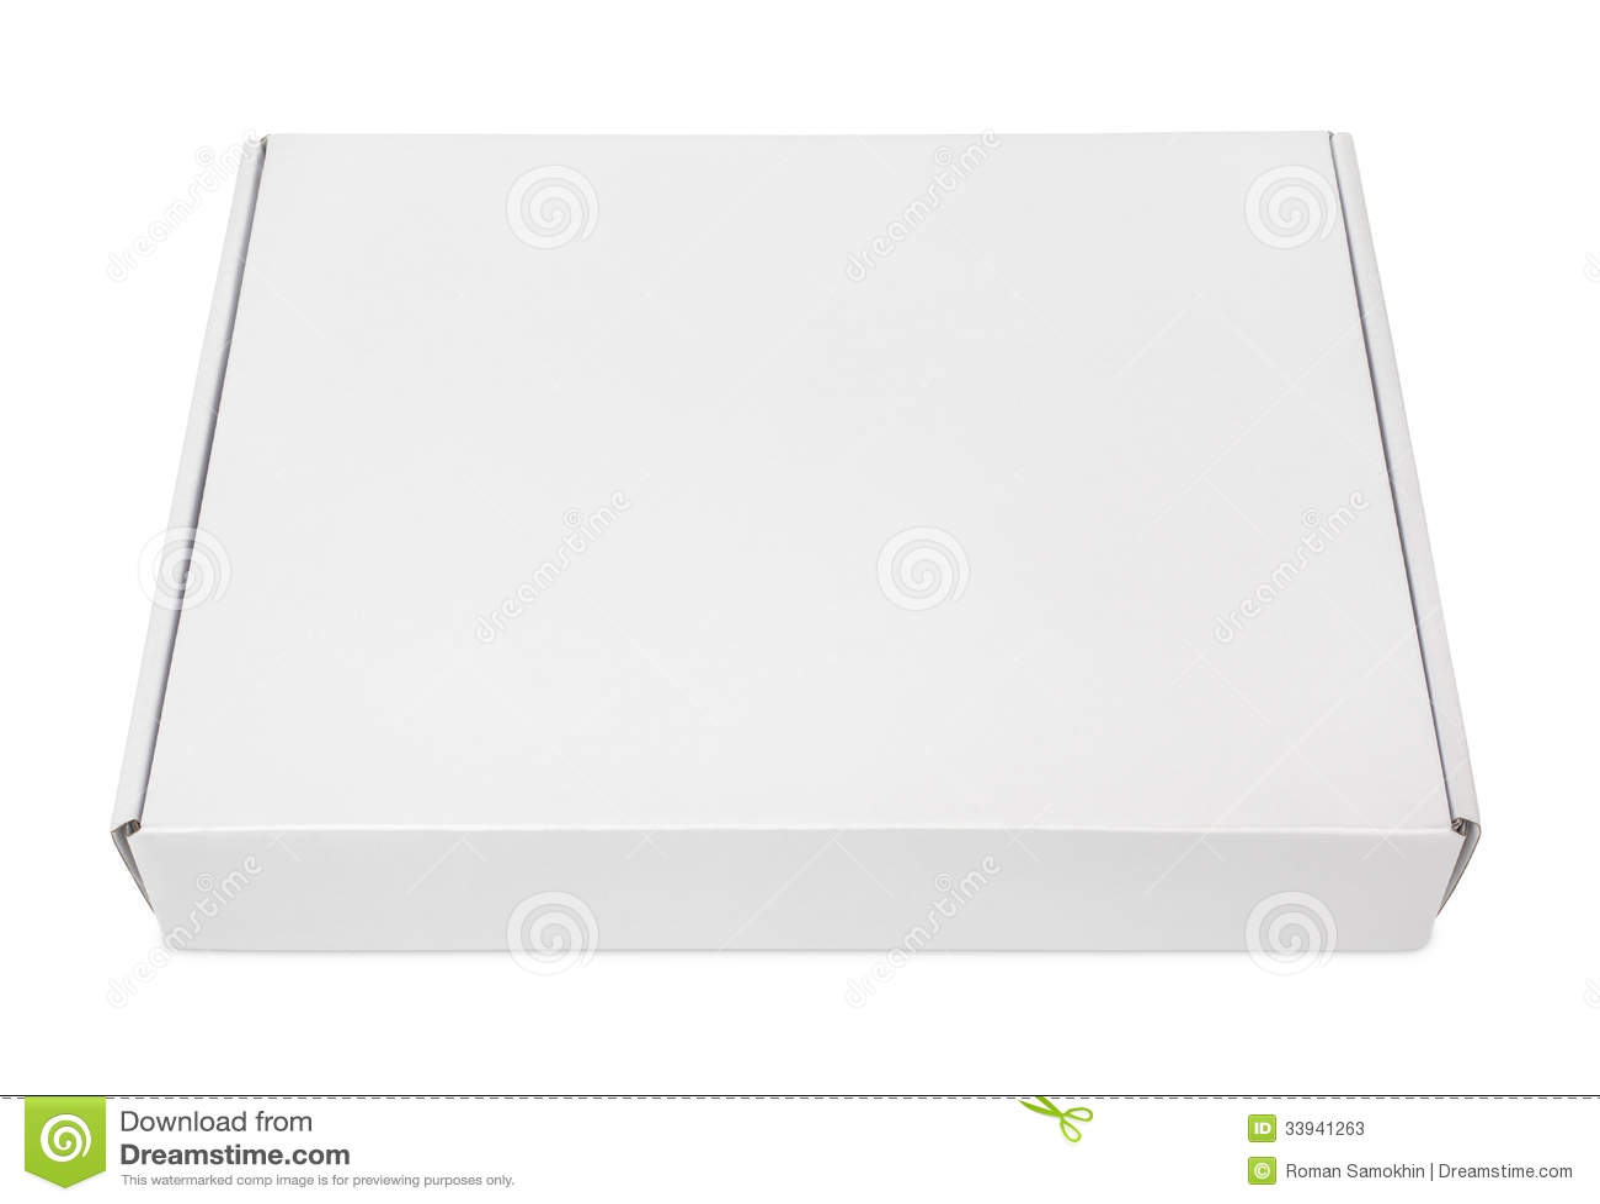 Коробка для пиццы развертка